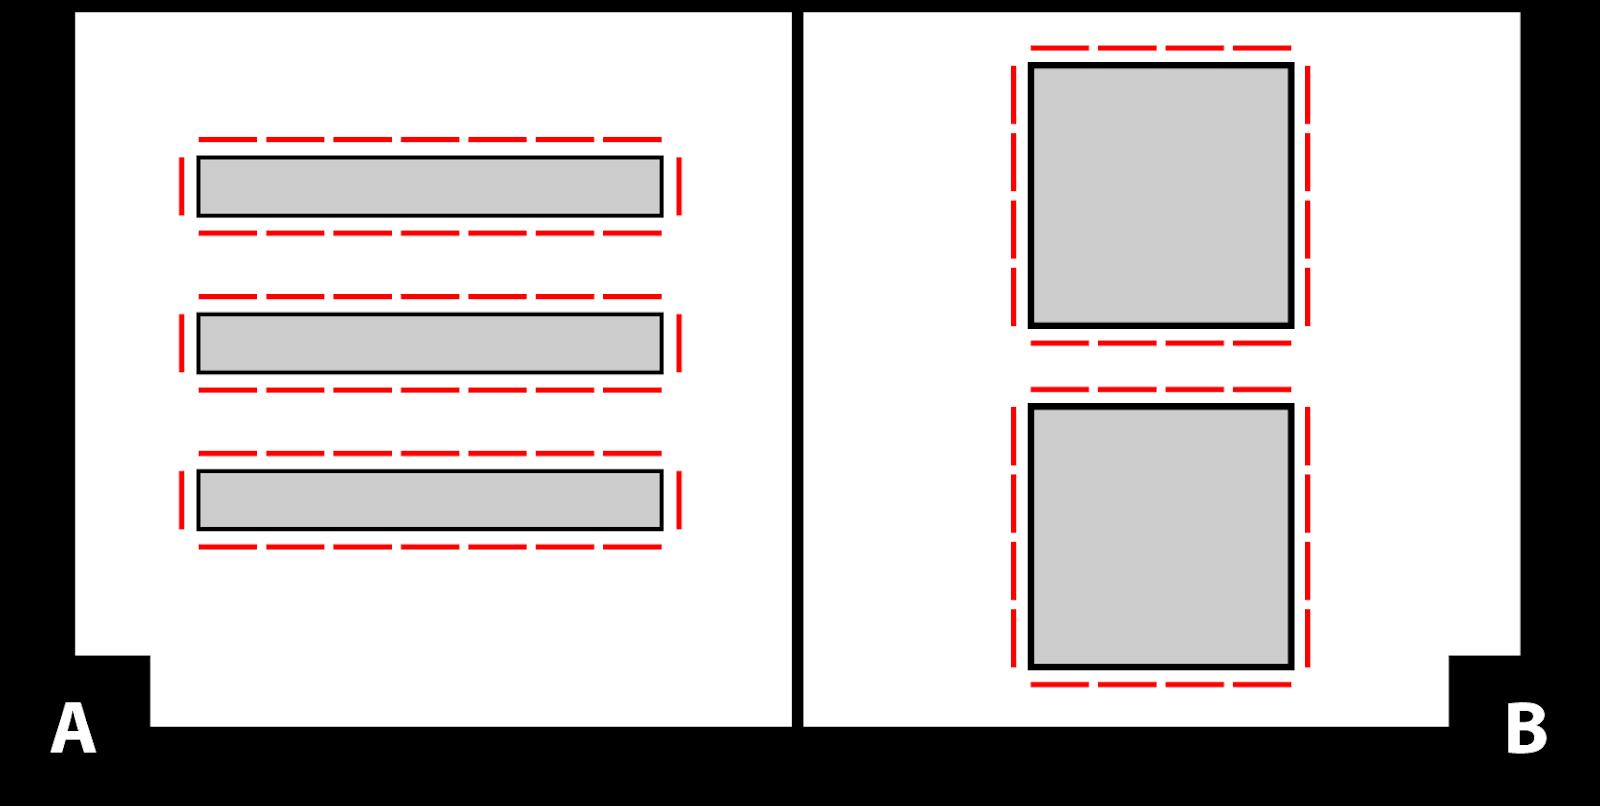 A: un diagrama de 3 mesas. Cada mesa tiene 7 asientos en la parte superior e inferior, y un asiento en cada extremo. B: Un diagrama de dos mesas cuadradas con 4 asientos en cada lado.